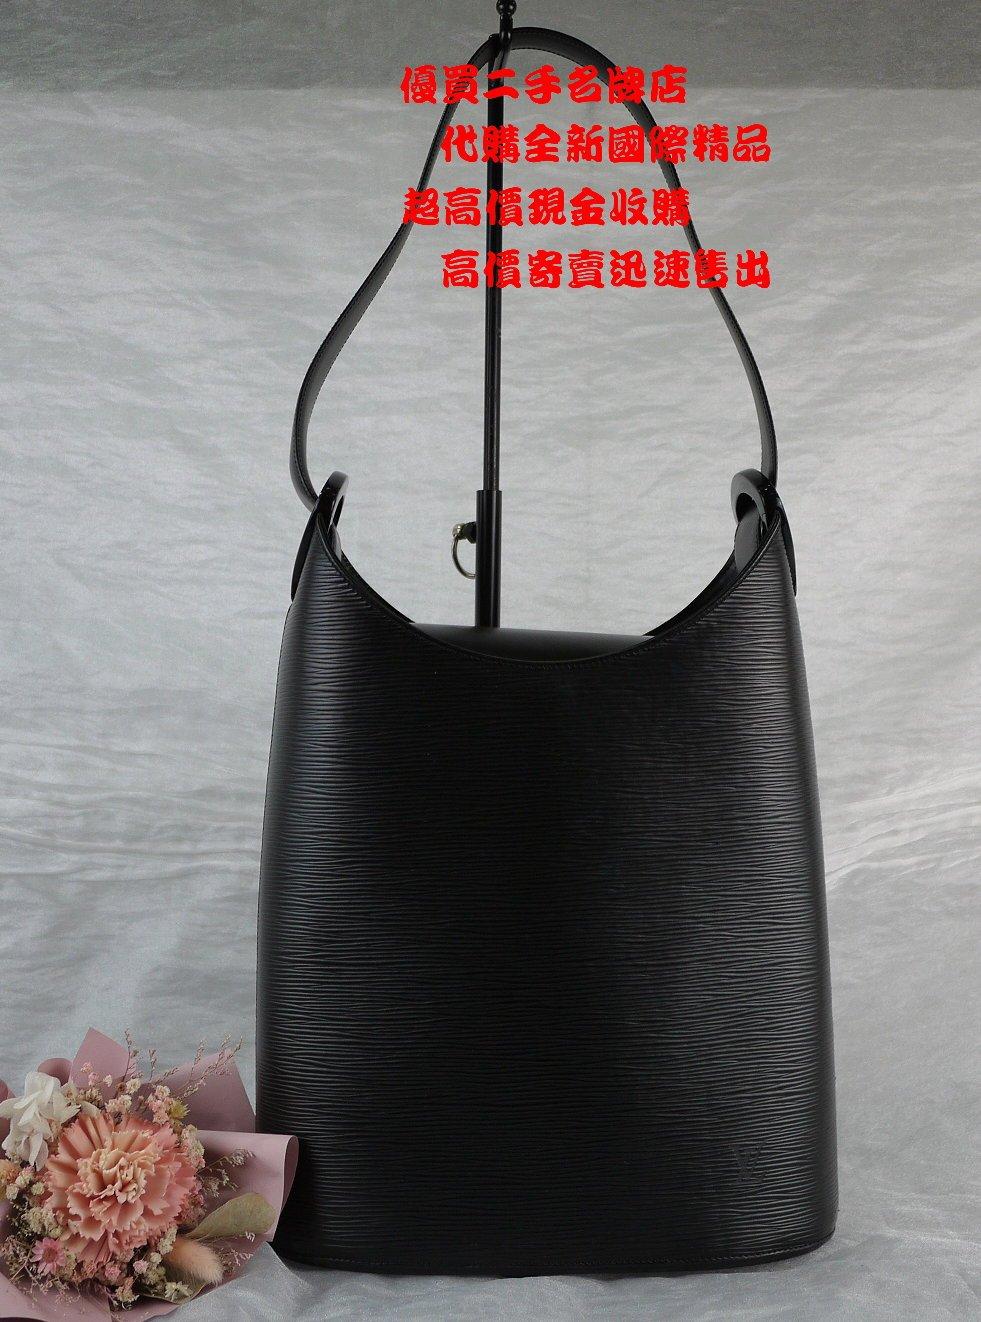 優買二手名牌店 LV M52812 黑色 EPI 水波紋 全皮 專利樹脂壓印 肩背包 牛角包 水桶包 購物包 香檳包